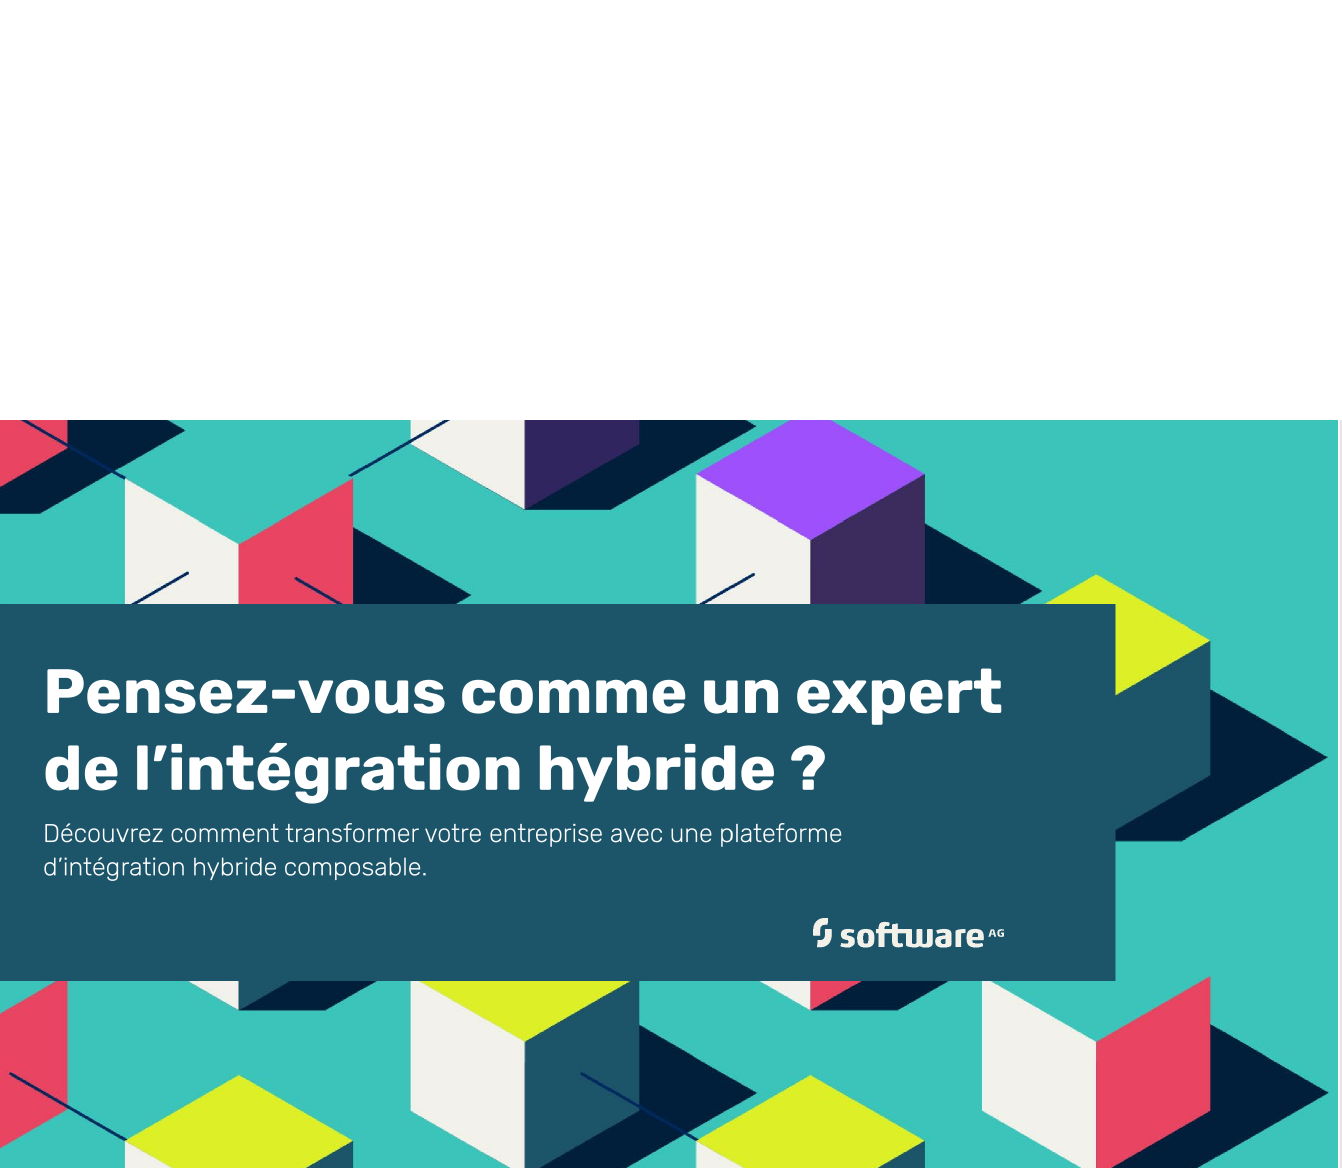 Pensez-vous comme un expert de l'intégration hybride ?